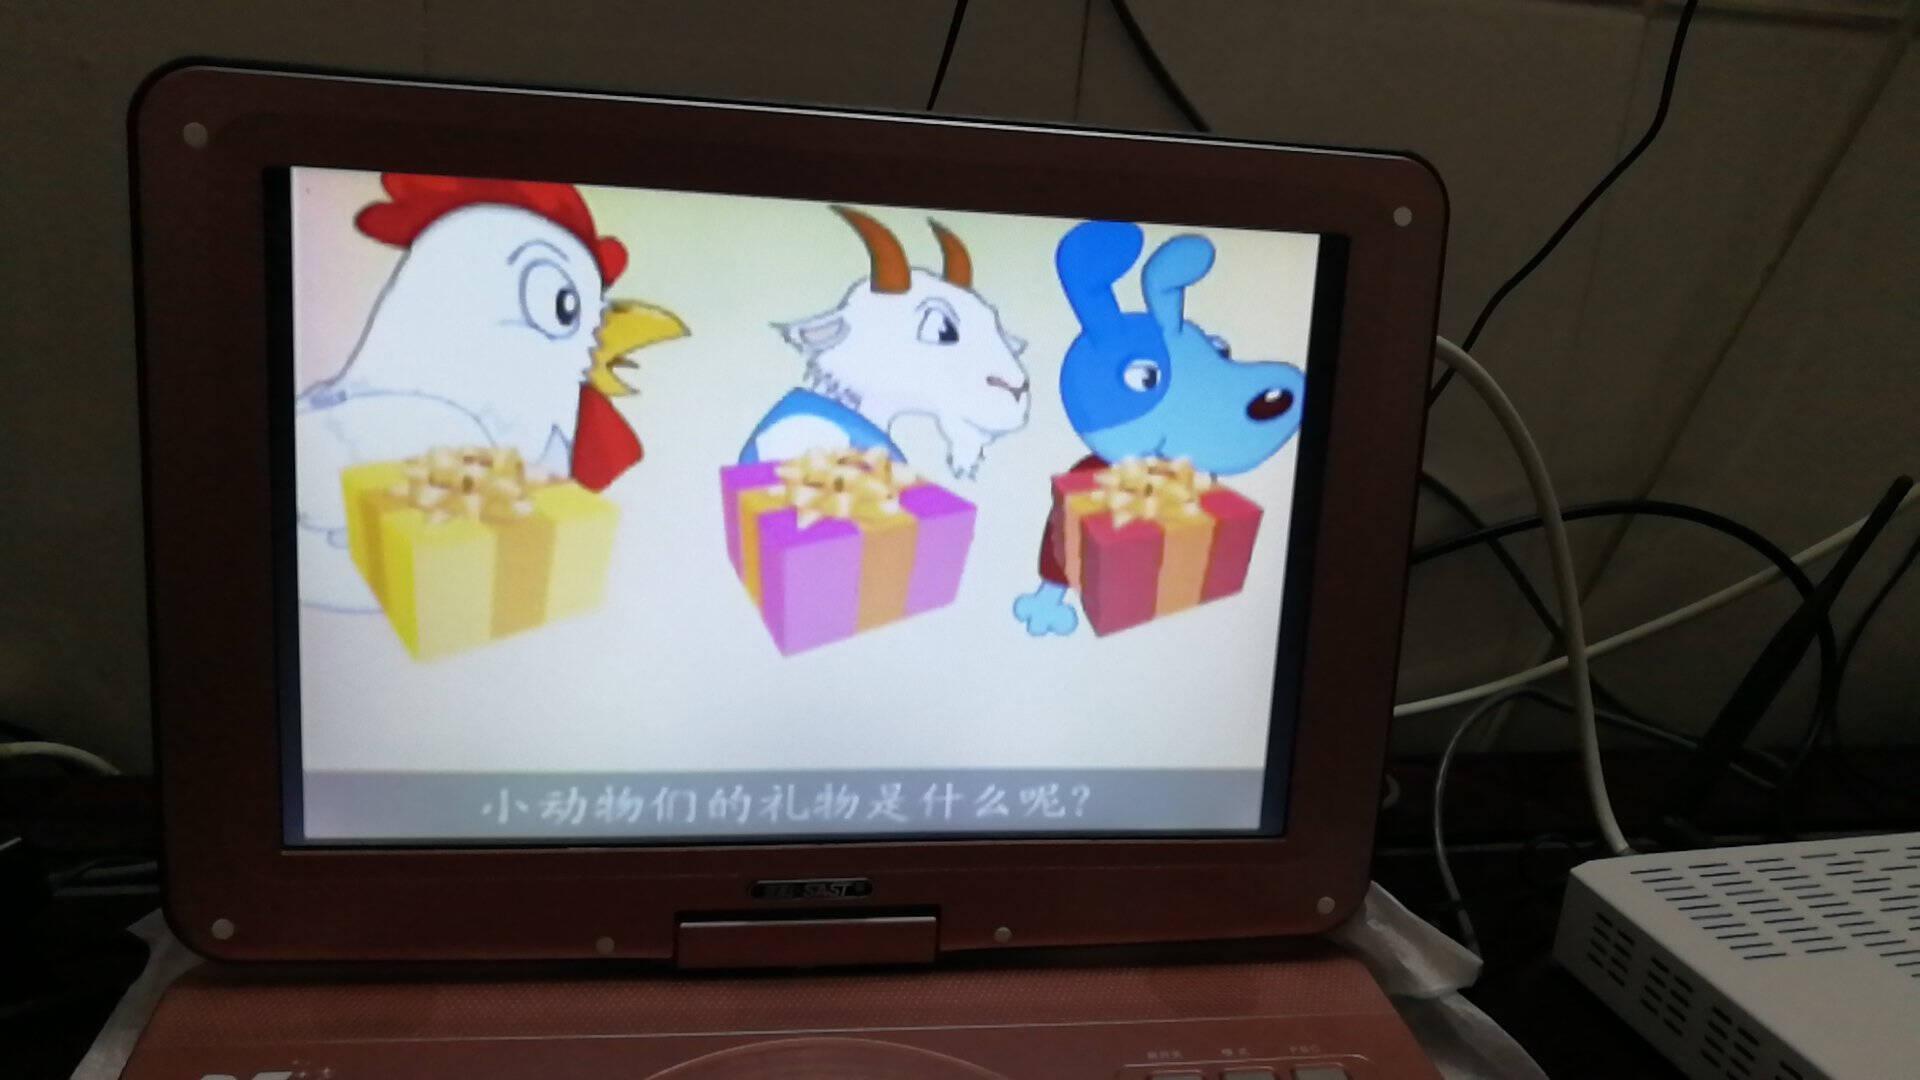 先科(SAST)02A便携式移动电视DVD播放机巧虎dvd影碟机cd老人唱戏看戏视频机USB播放器17.8英寸玫瑰金